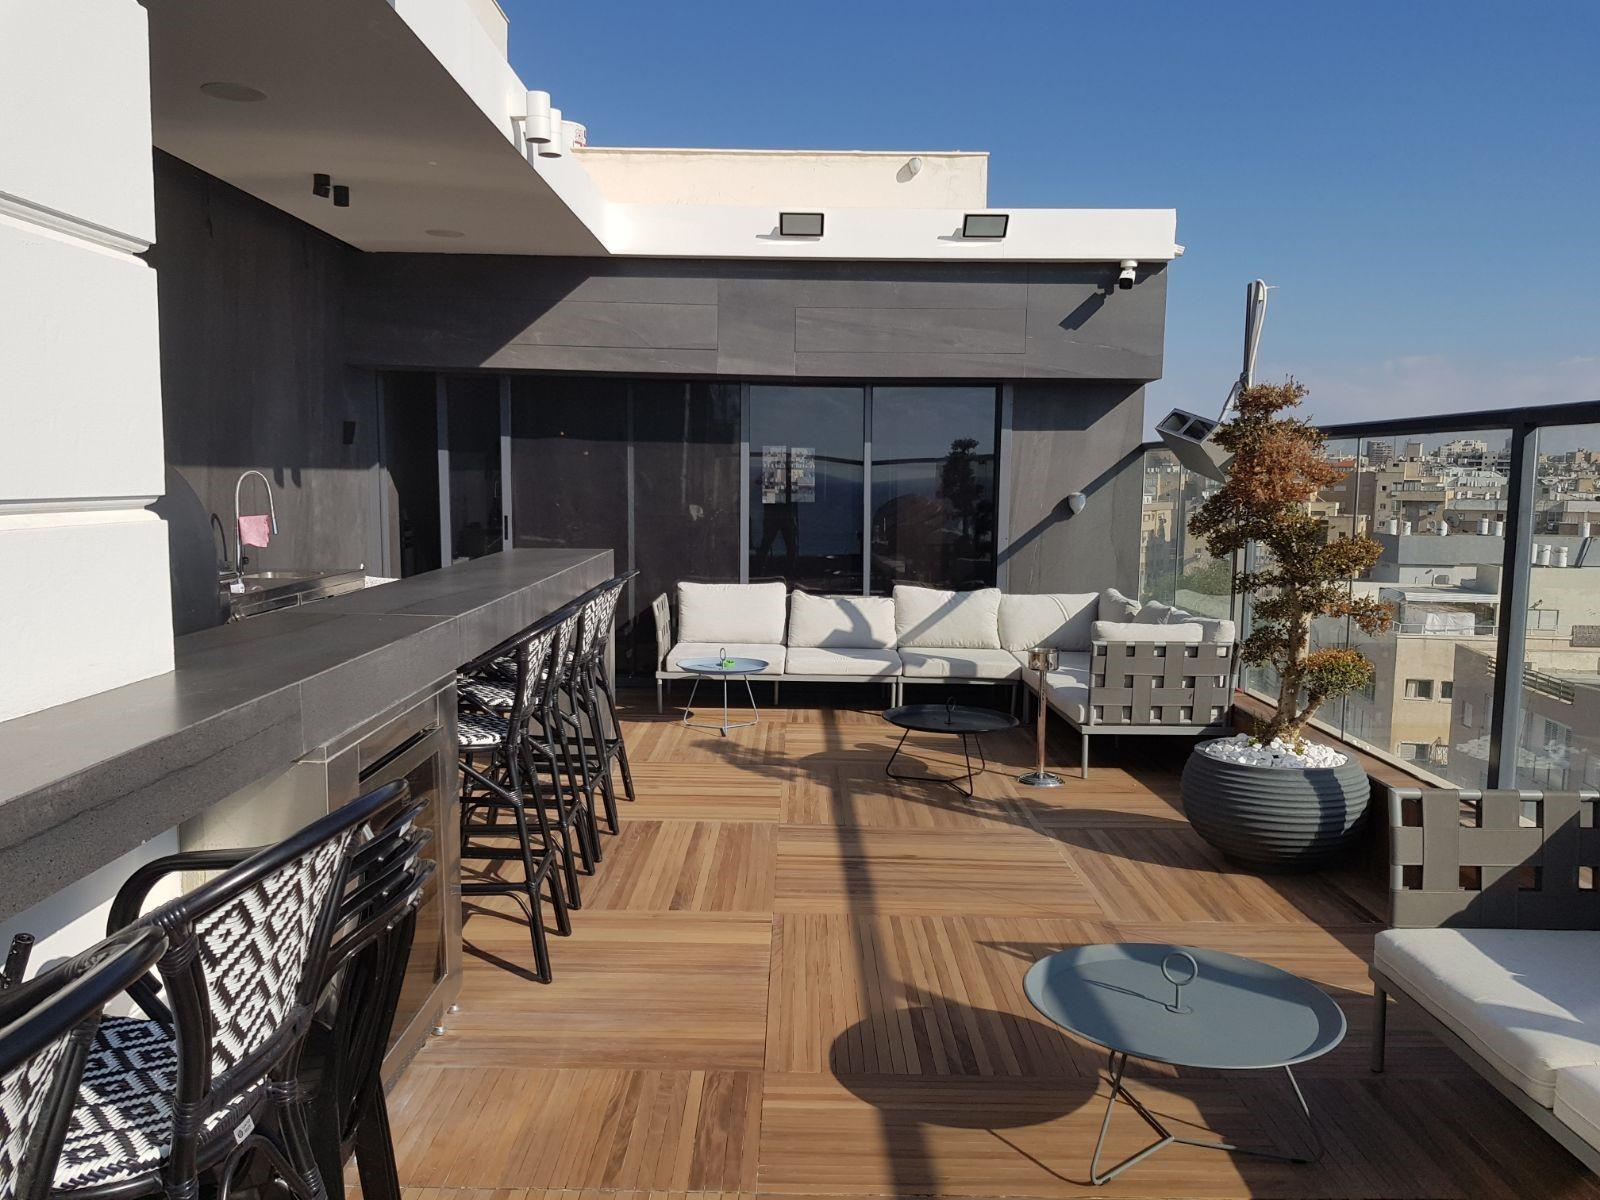 tarif veranda 40m2 balma with photos top balma vacation